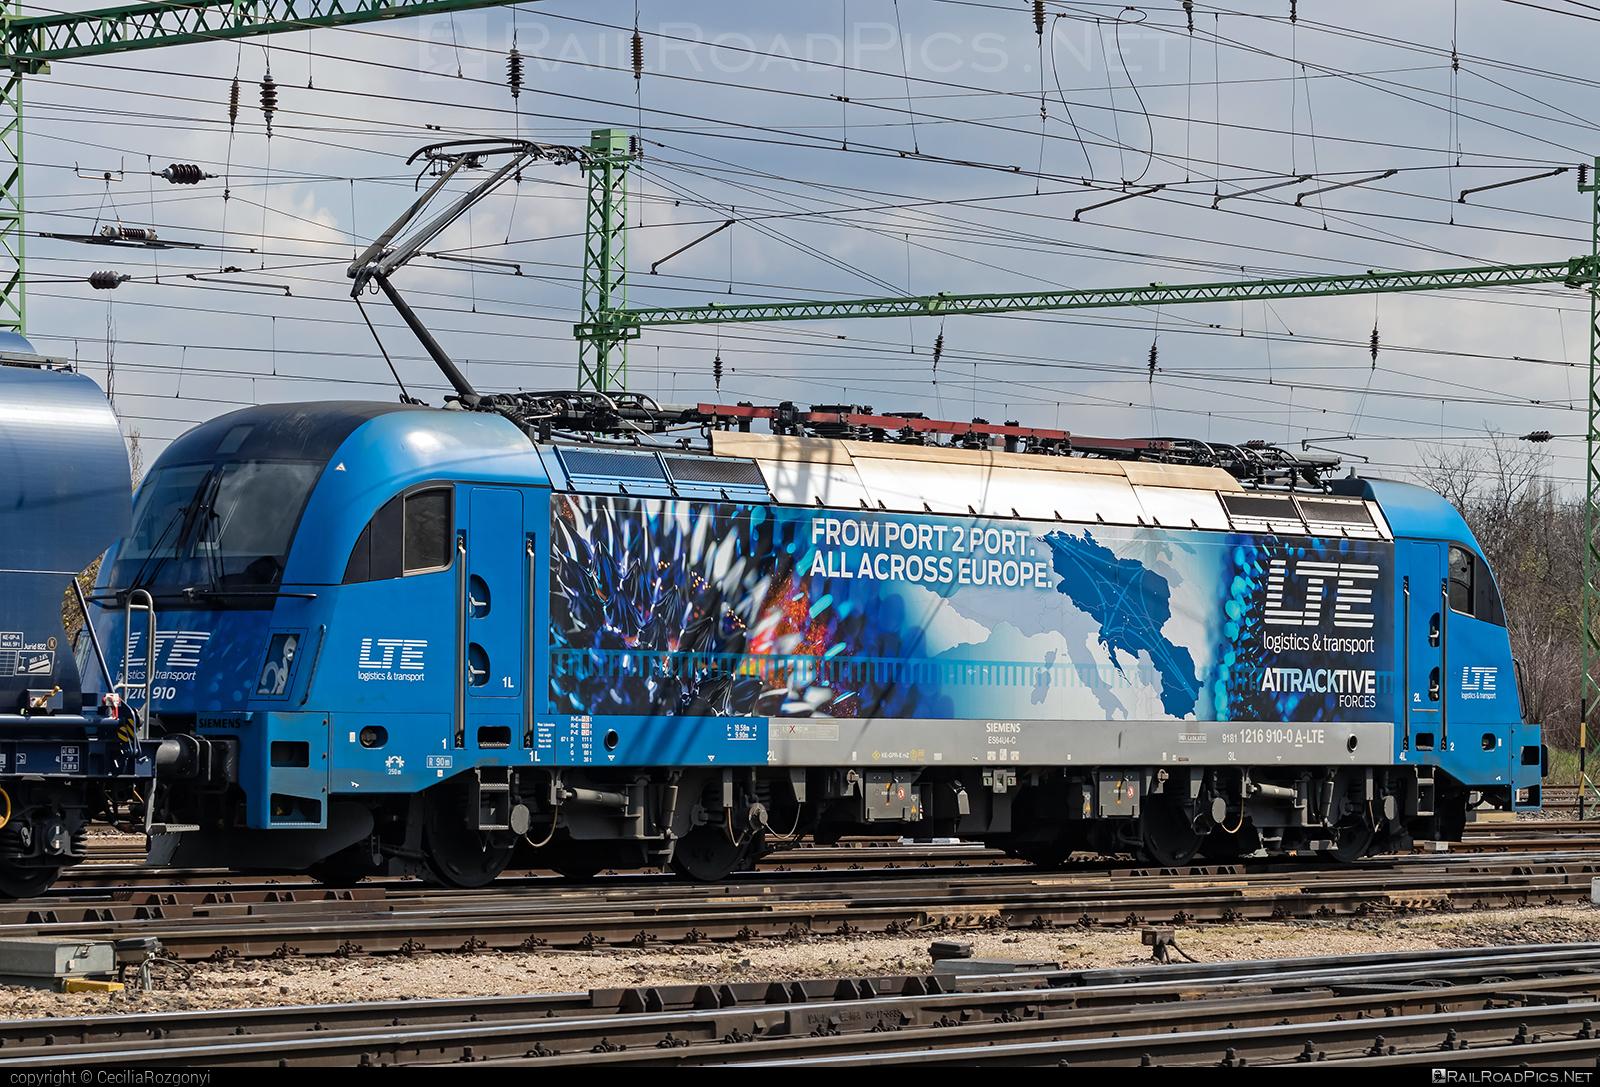 Siemens ES 64 U4 - 1216 910 operated by LTE Logistik und Transport GmbH #es64 #es64u #es64u4 #eurosprinter #lte #ltelogistikundtransport #ltelogistikundtransportgmbh #siemens #siemenses64 #siemenses64u #siemenses64u4 #siemenstaurus #taurus #tauruslocomotive